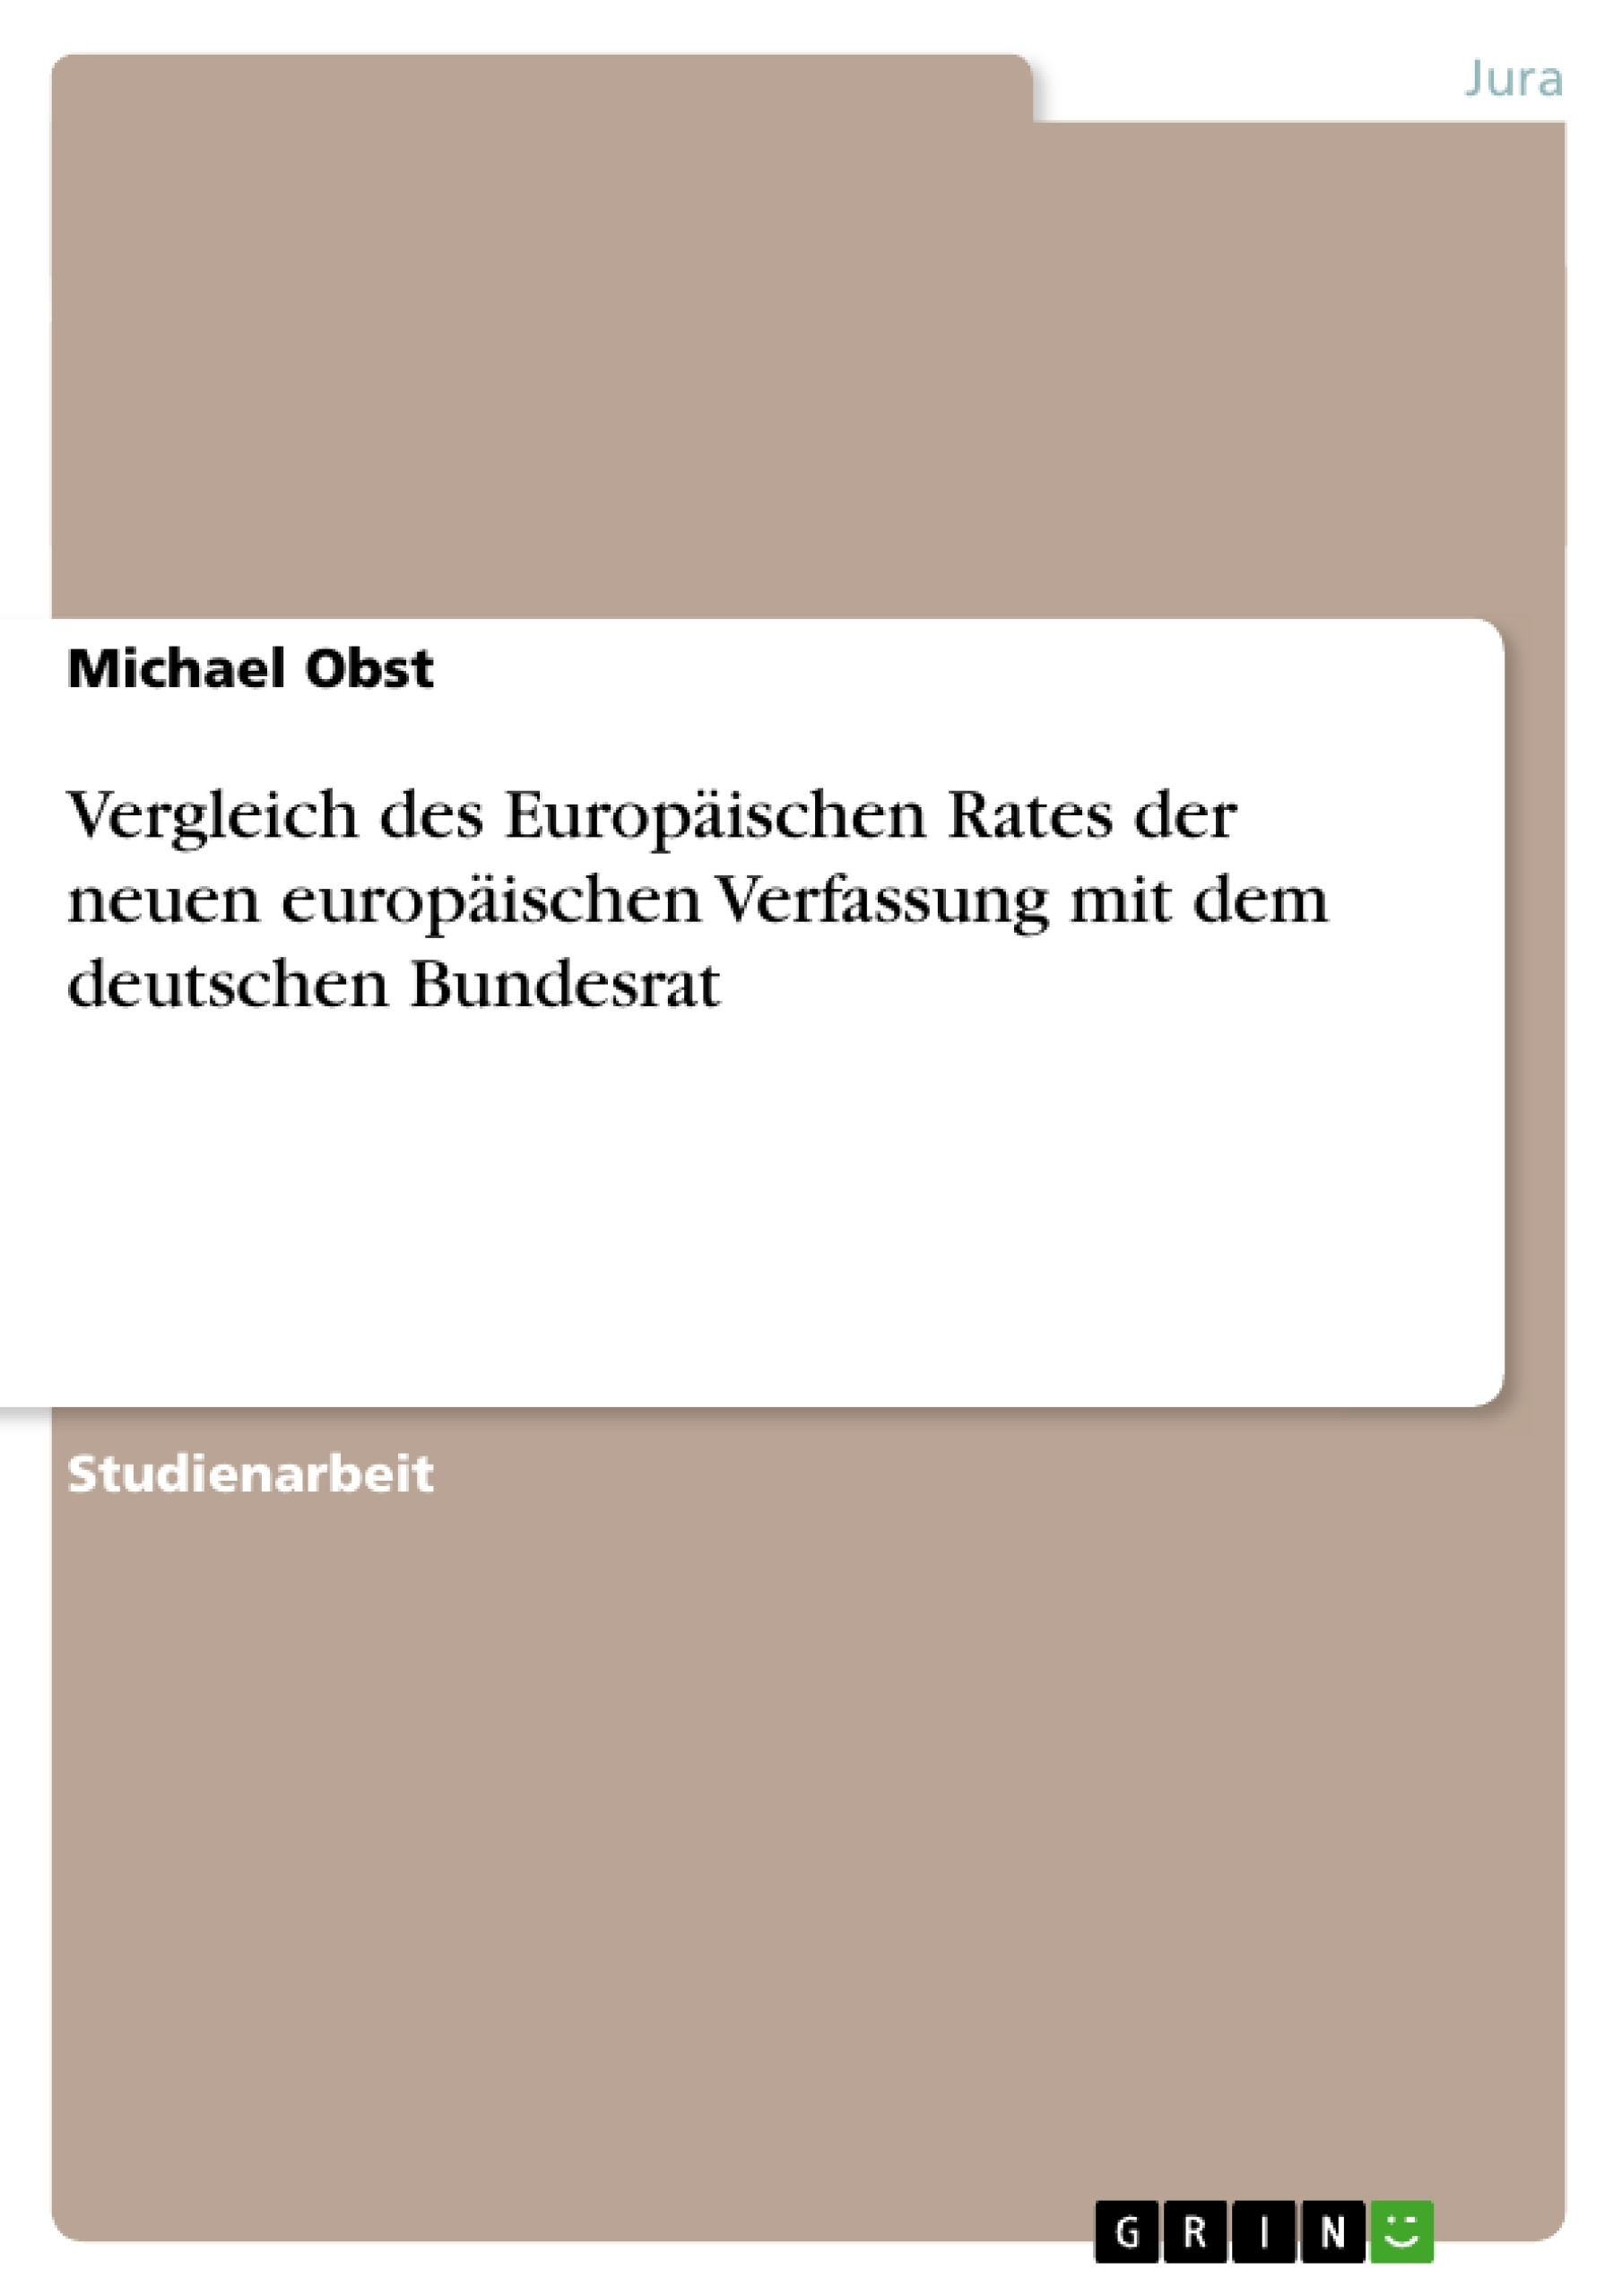 Titel: Vergleich des Europäischen Rates der neuen europäischen Verfassung mit dem deutschen Bundesrat